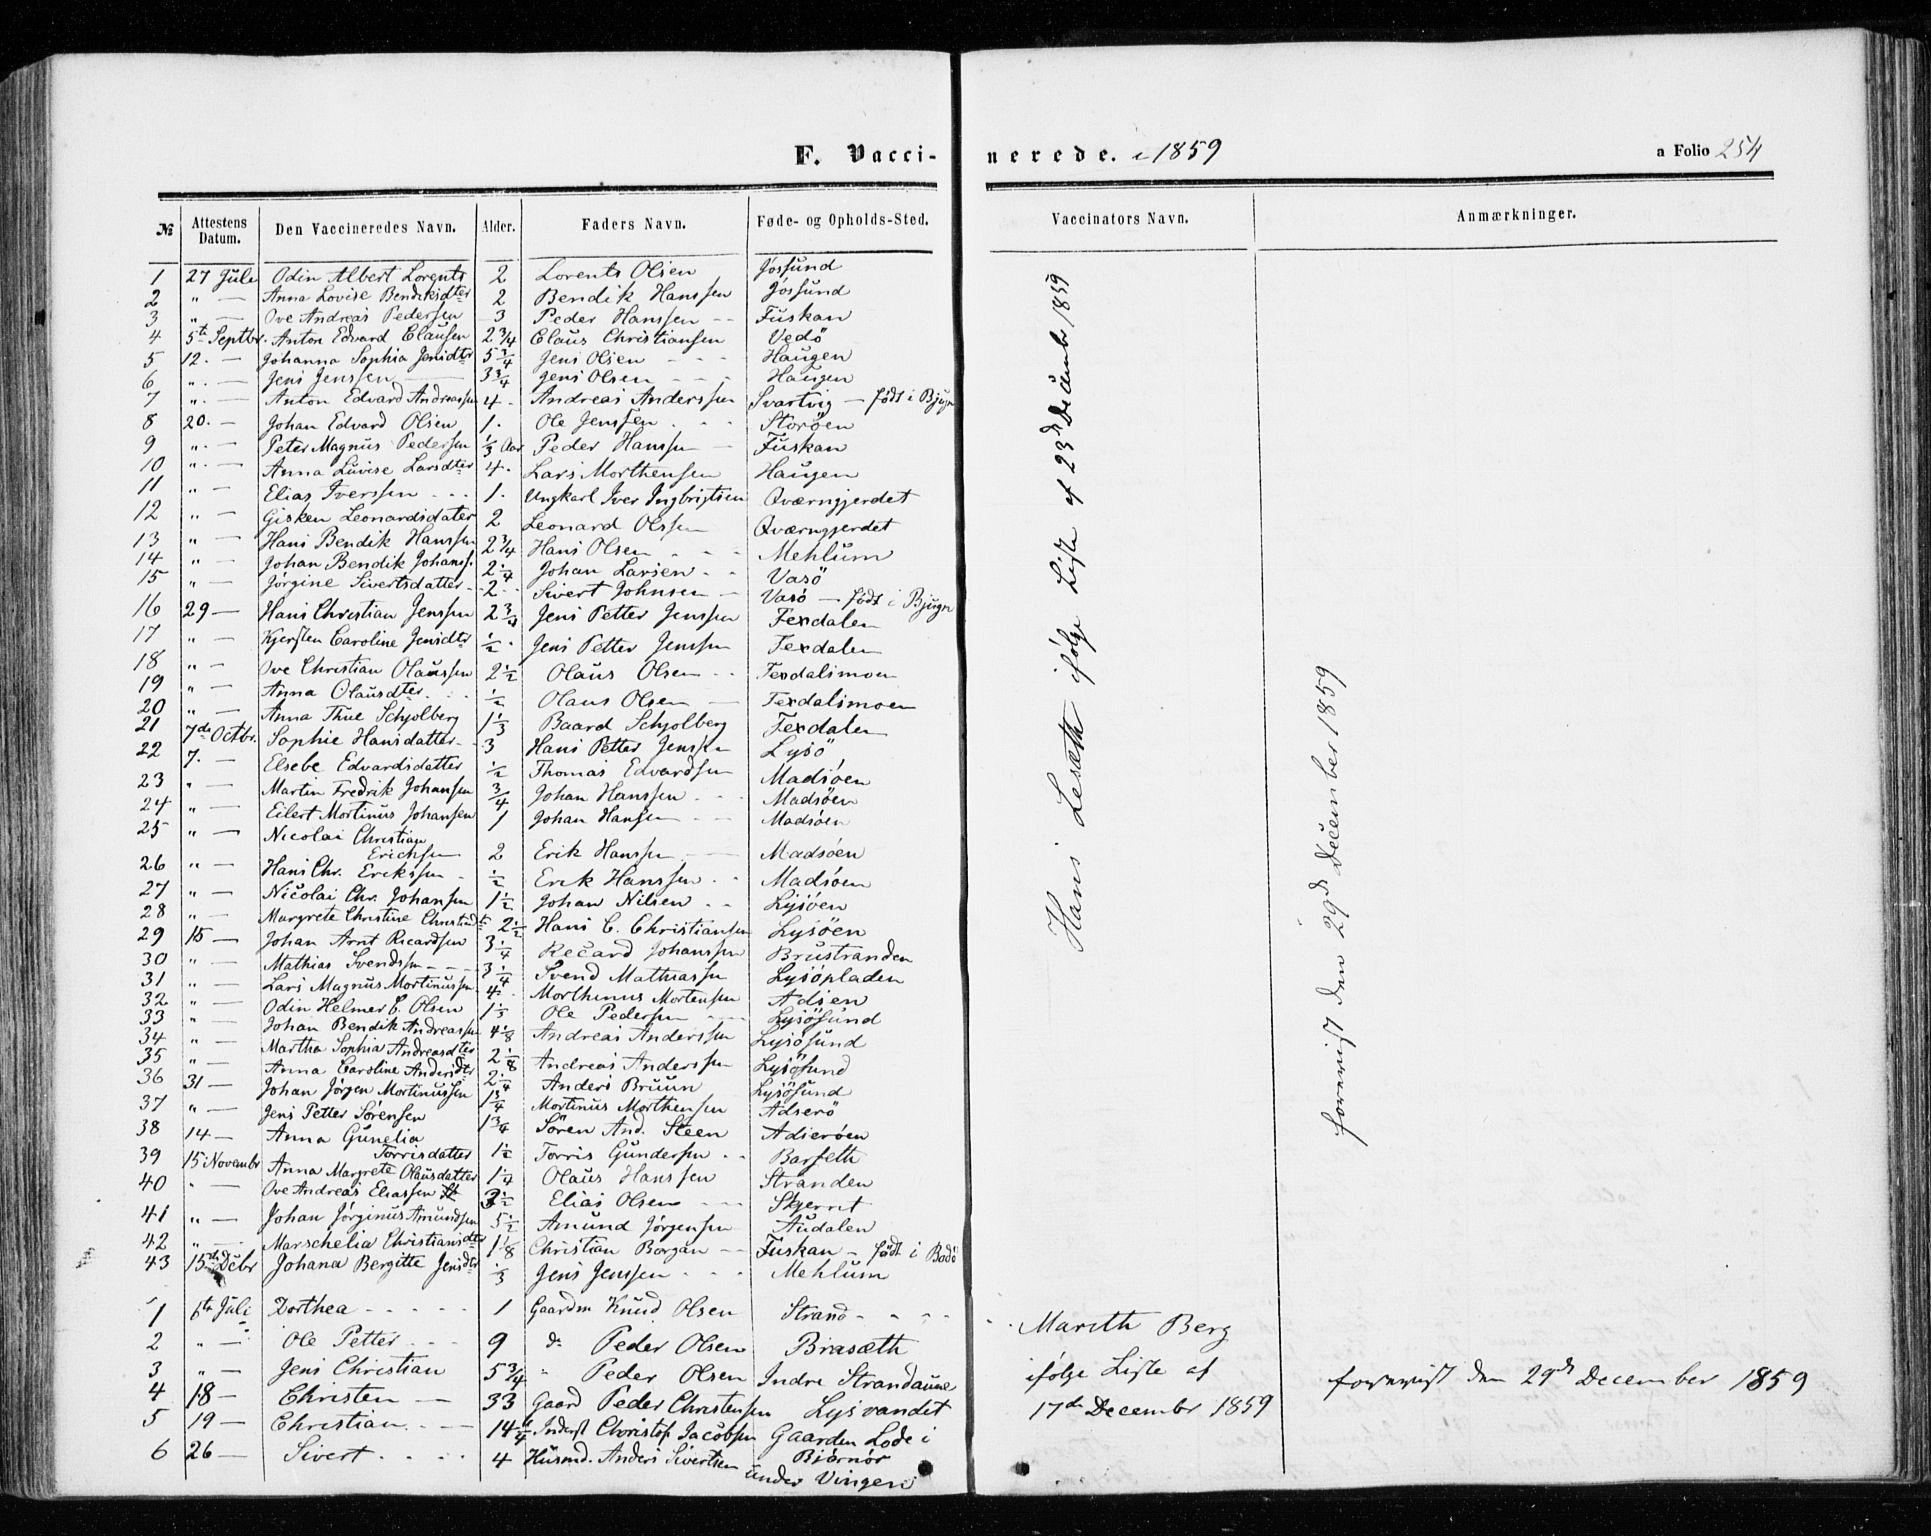 SAT, Ministerialprotokoller, klokkerbøker og fødselsregistre - Sør-Trøndelag, 655/L0678: Ministerialbok nr. 655A07, 1861-1873, s. 254